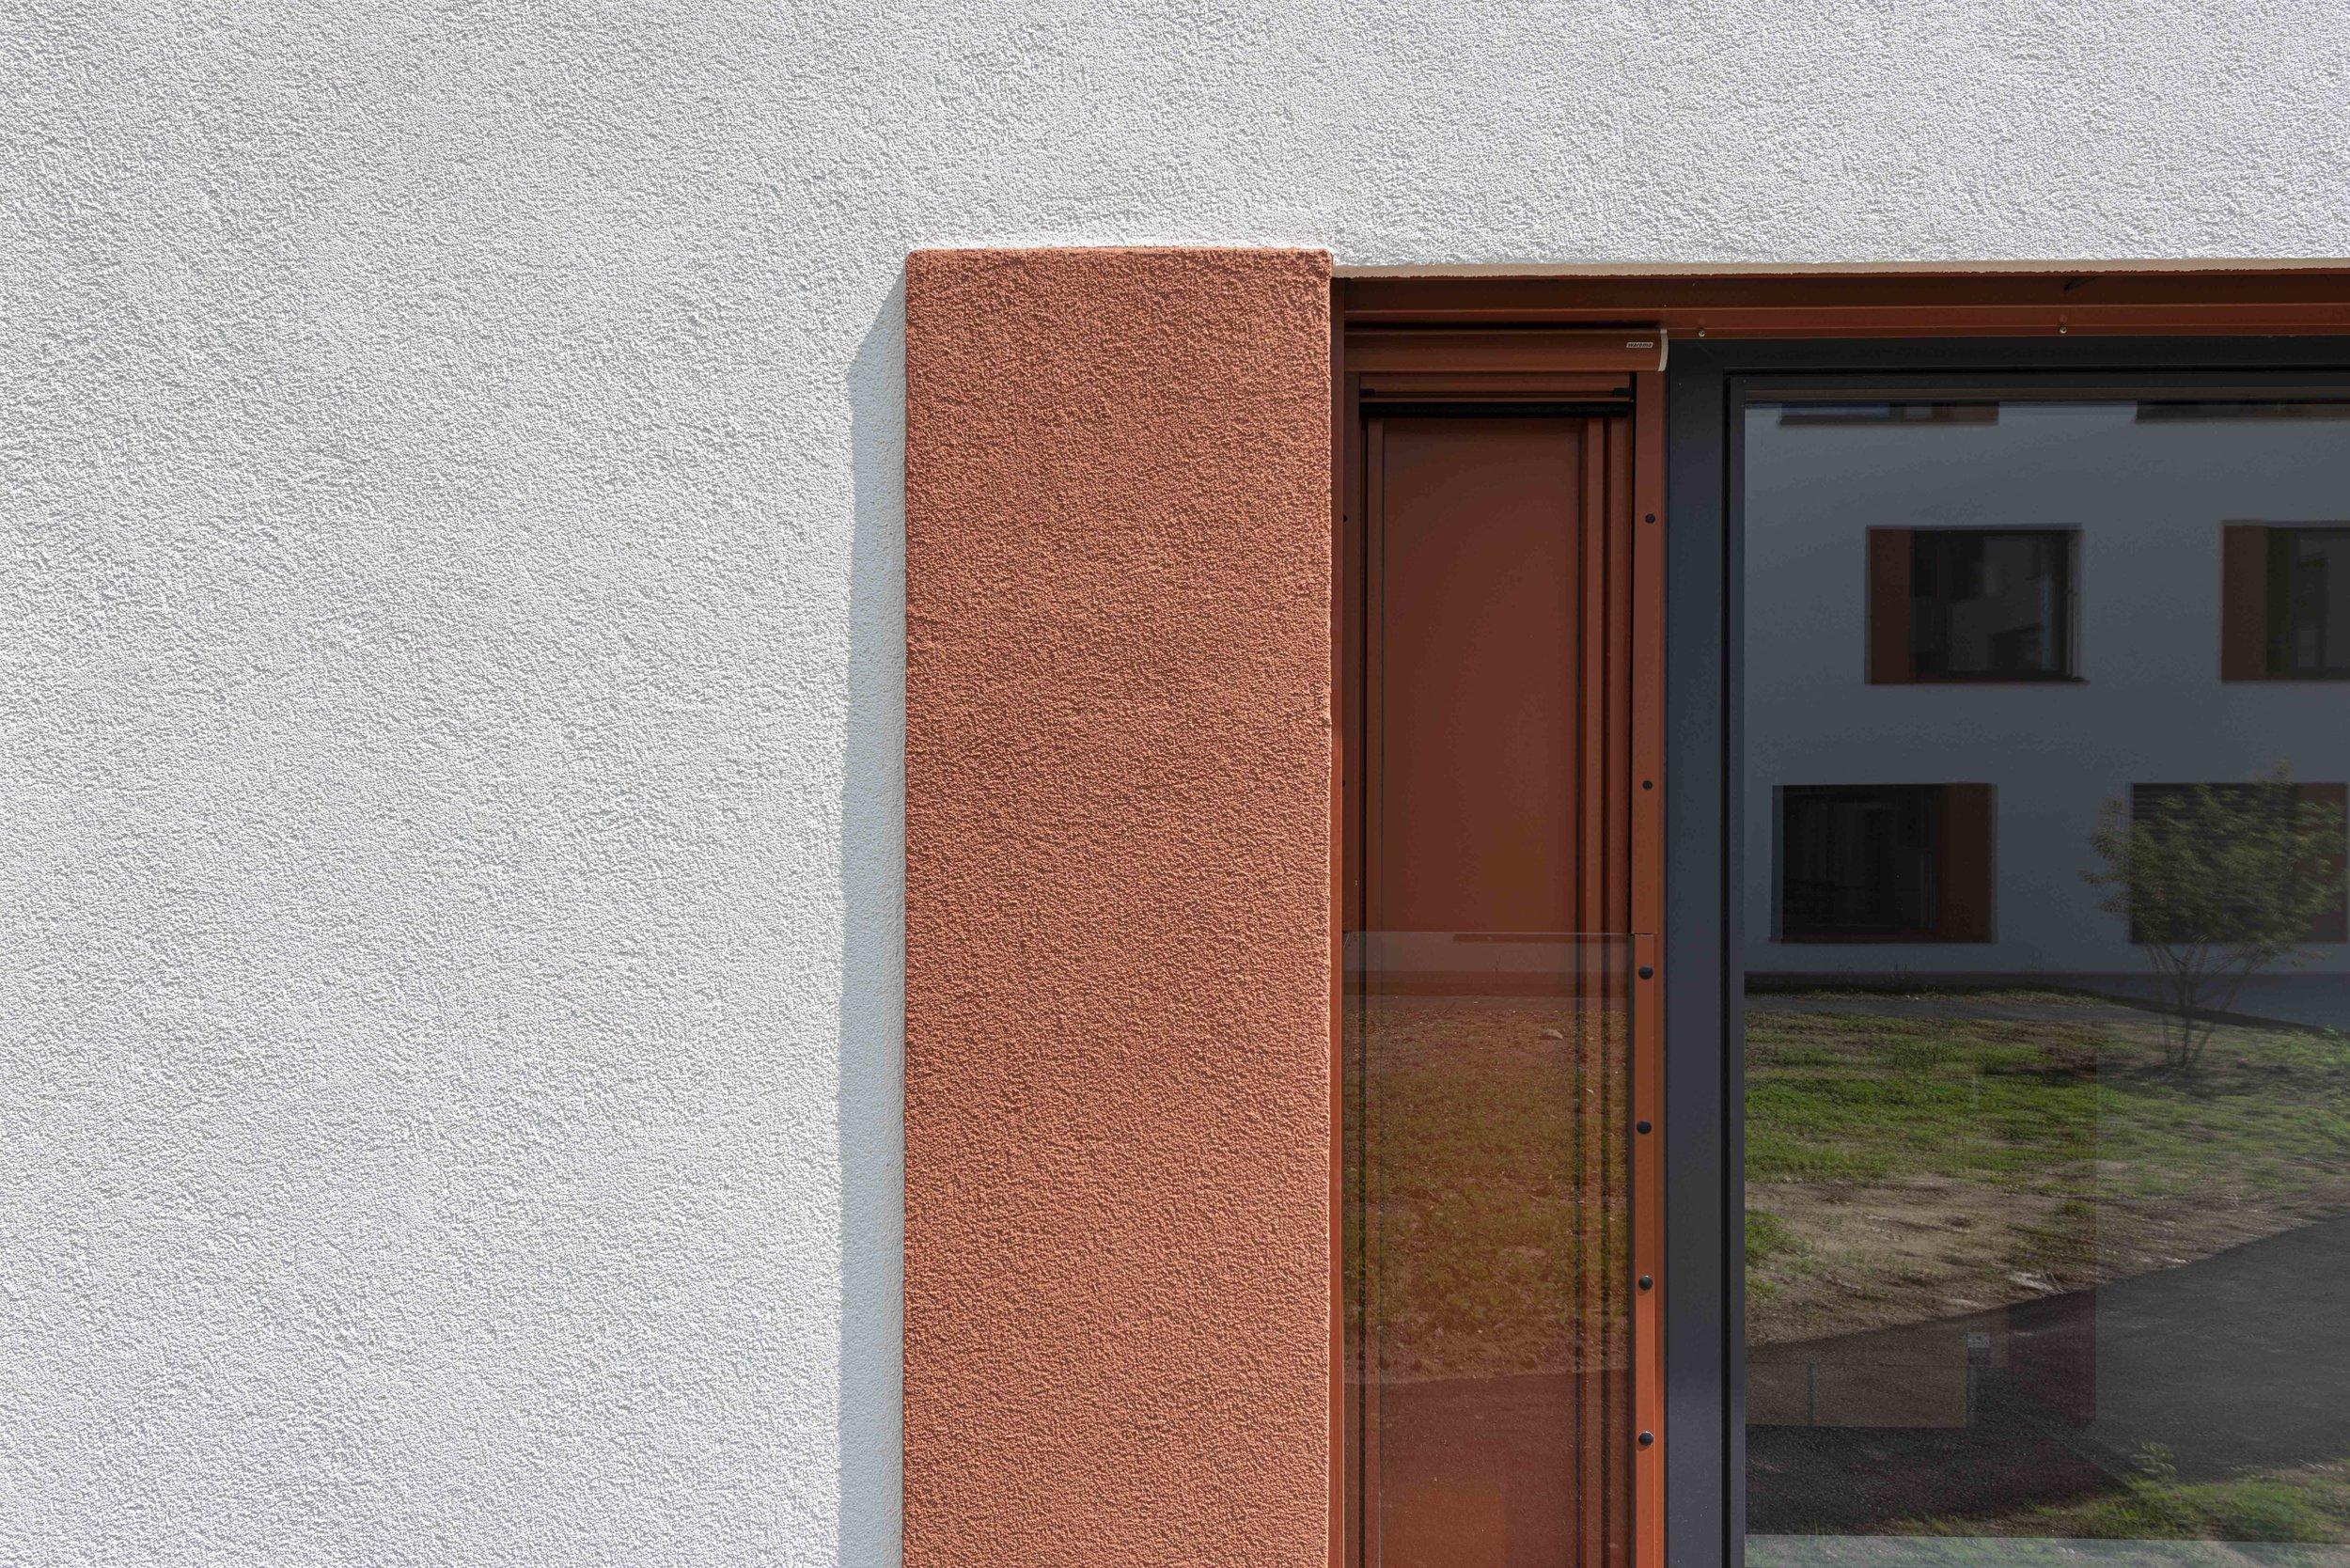 Bezirksseniorenhaus Freistadt